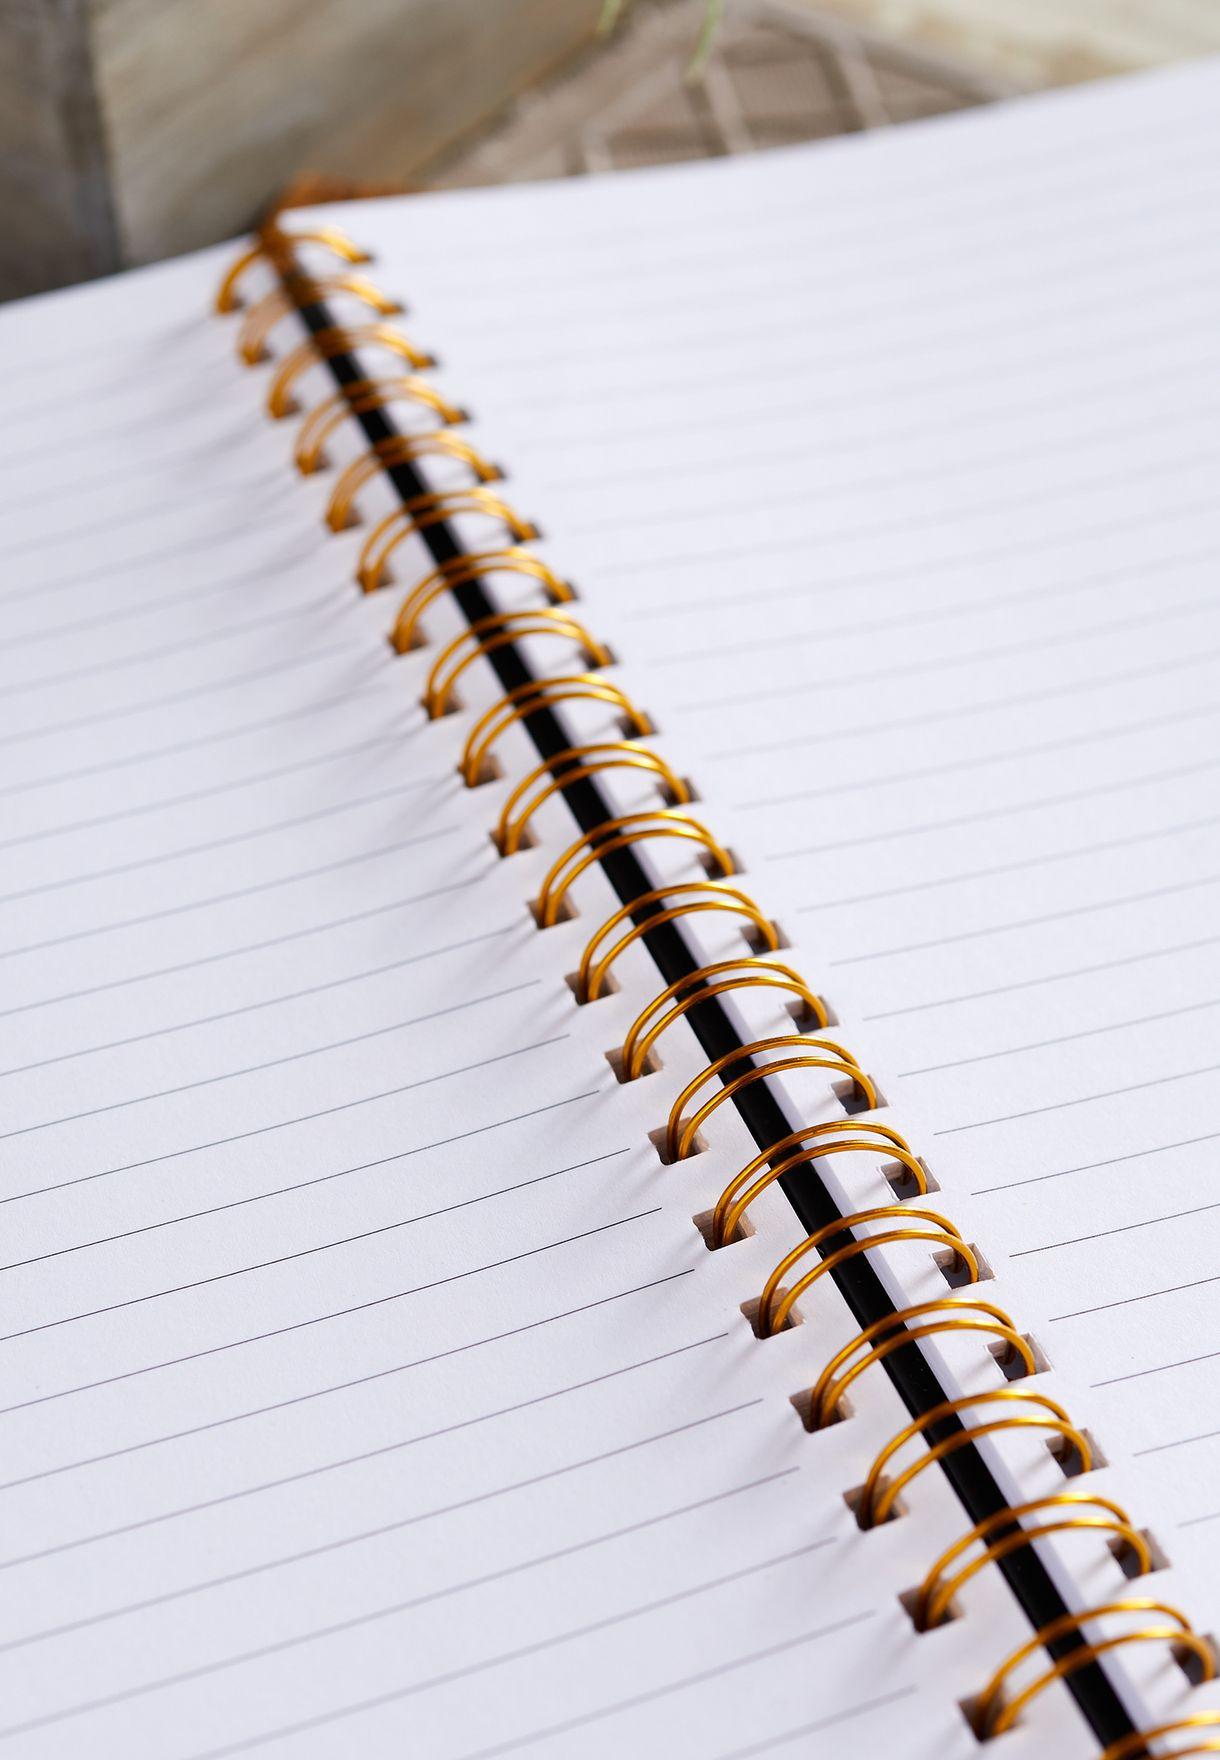 دفتر ملاحظات A4 بطباعة جمجمة